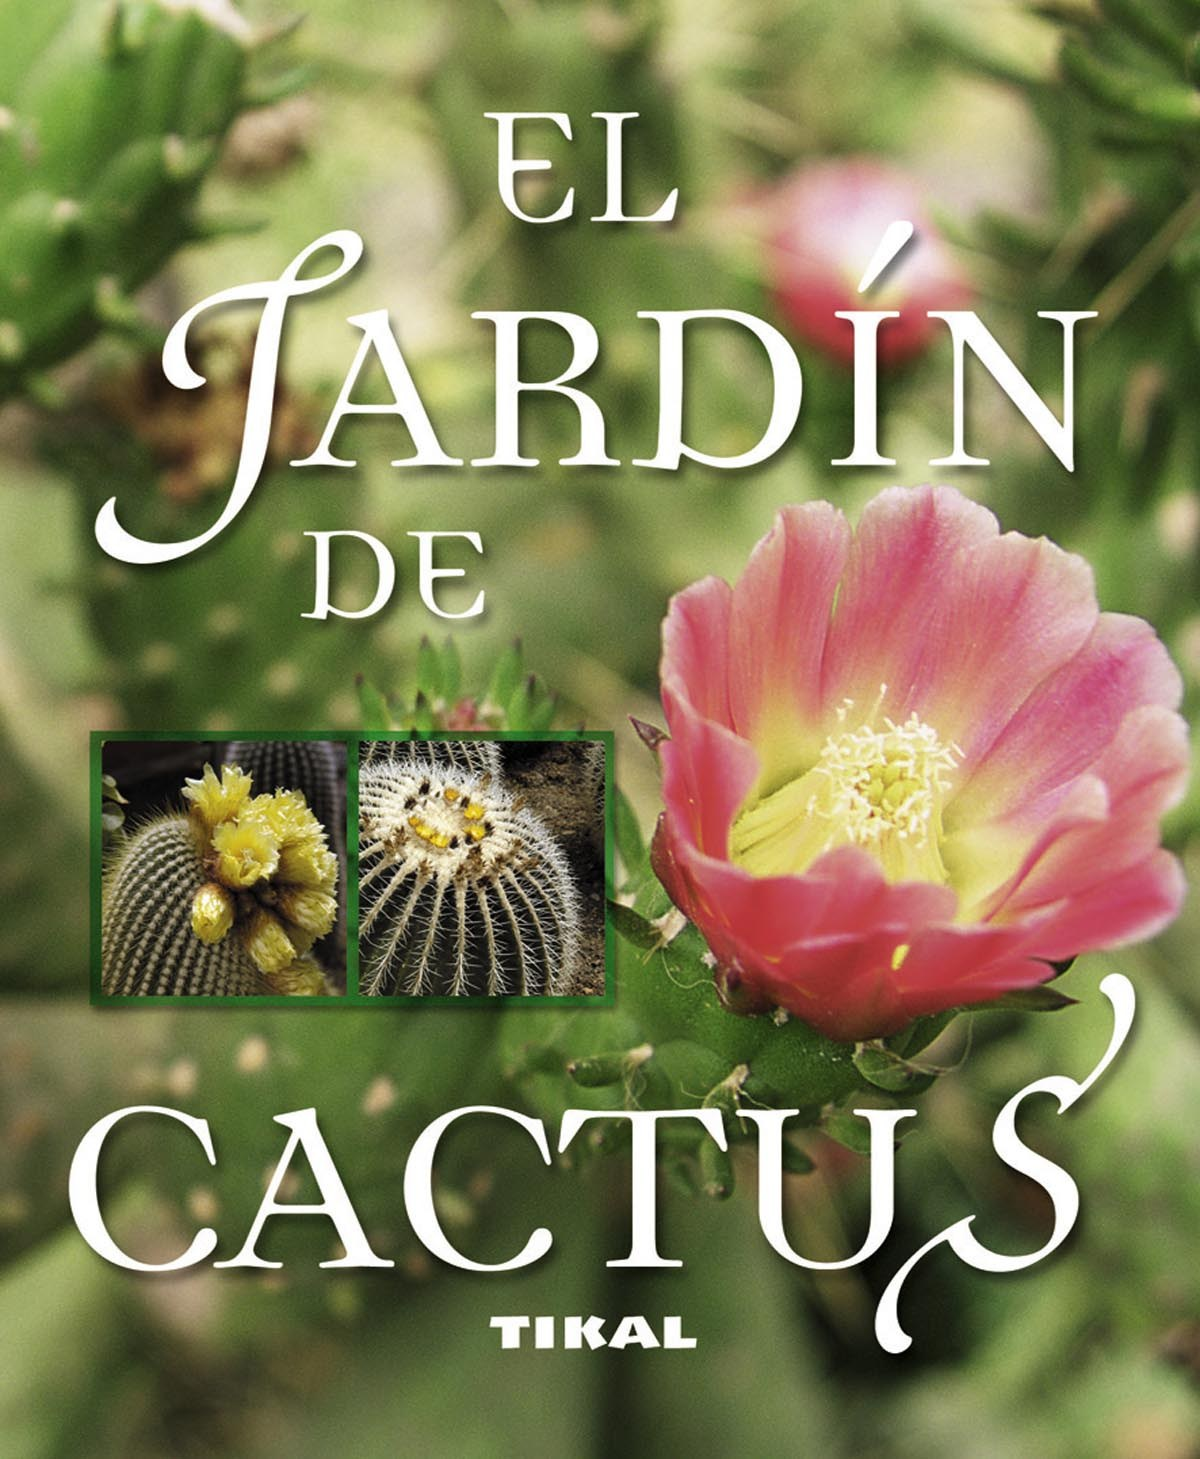 El jardin de cactus 9788499281476